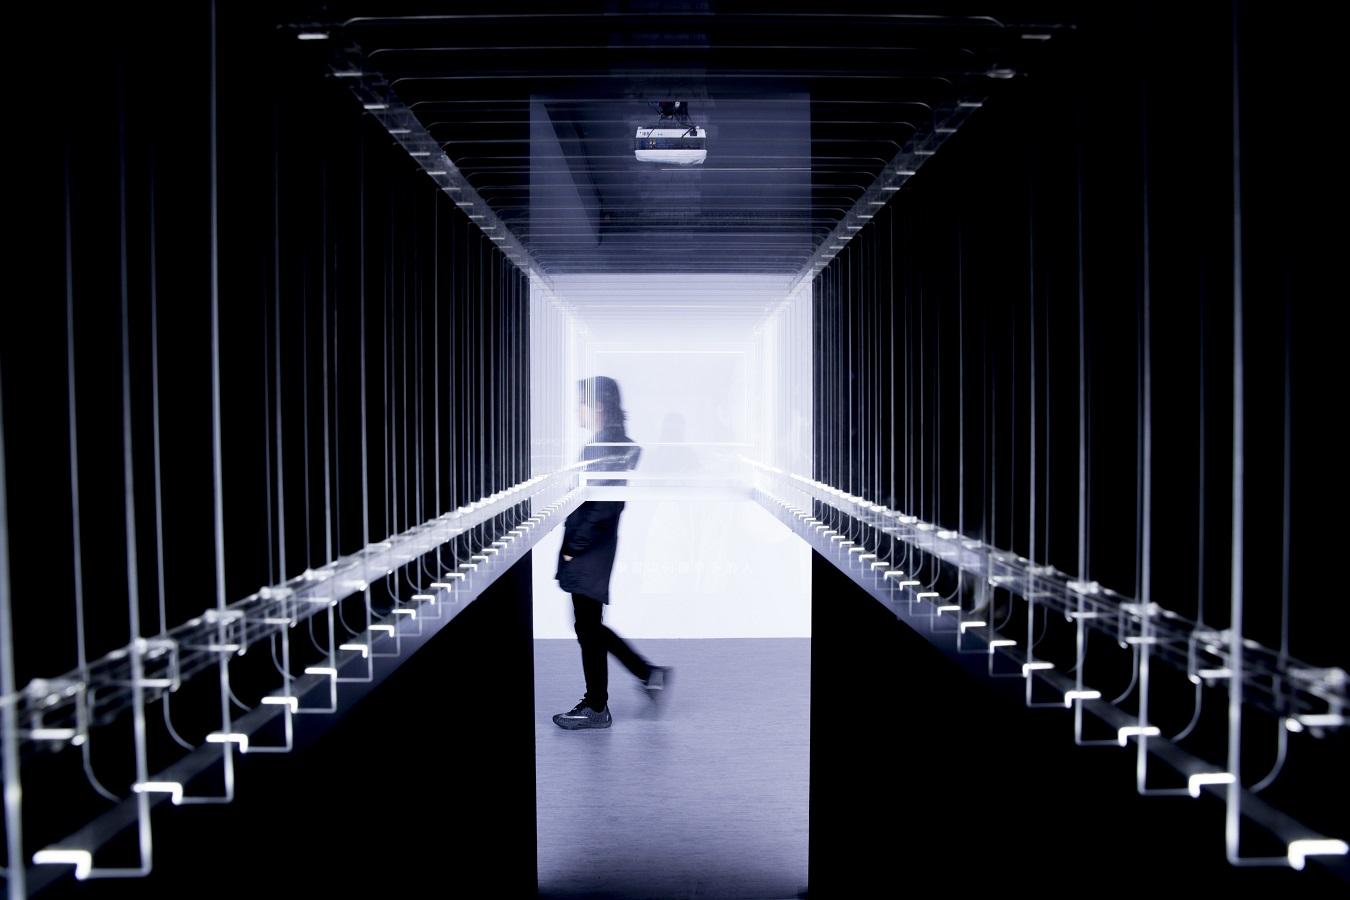 探索設計的最小值與最大值-「設計 M/m 臺灣」總統府策展